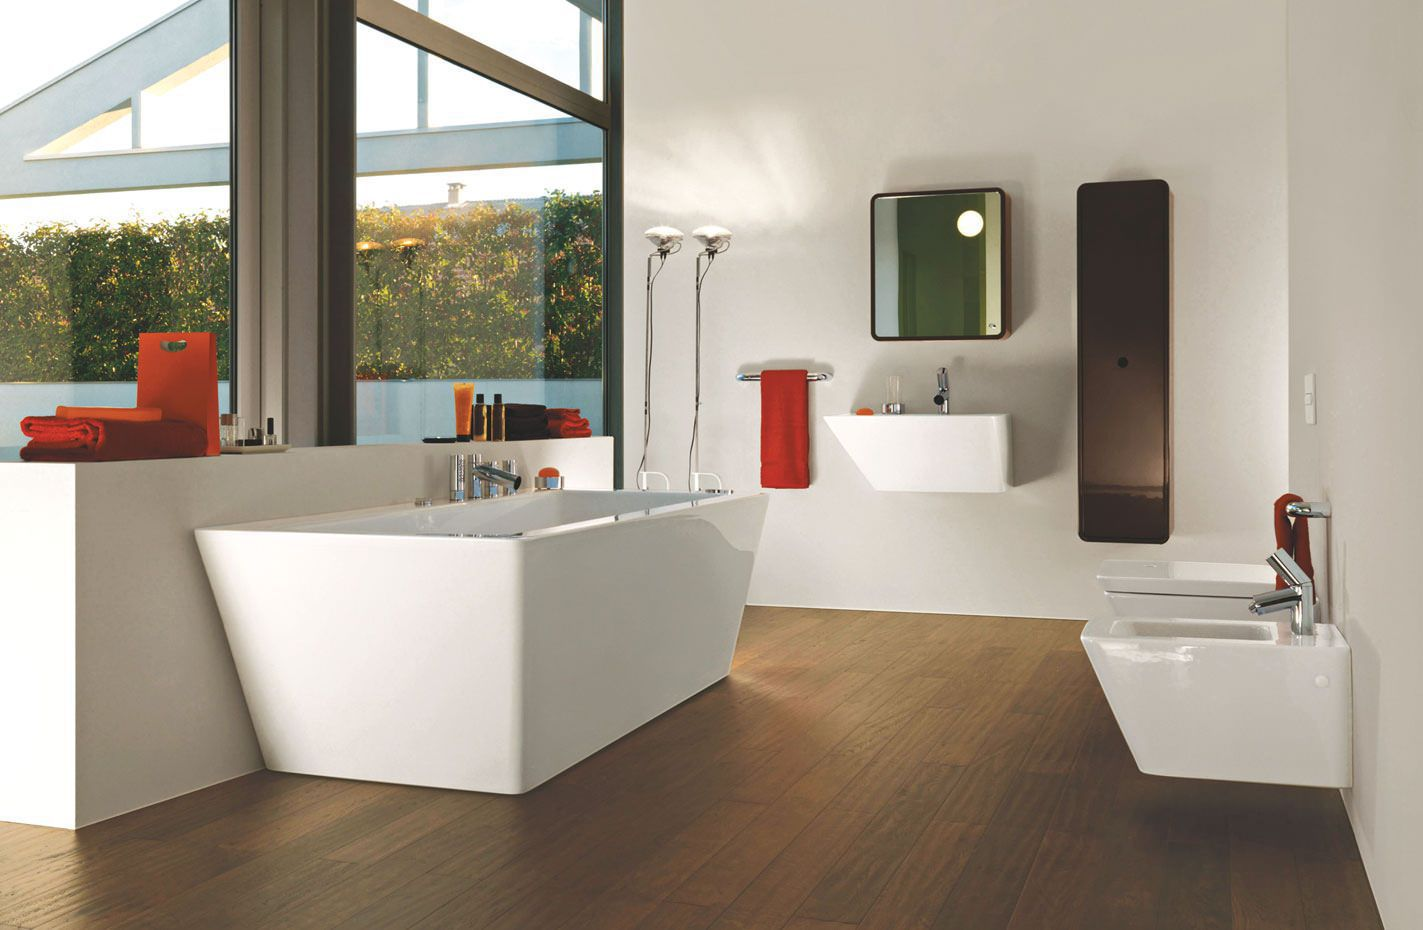 Indoor tile / floor / porcelain stoneware / natural - NOTTINGHAM ...